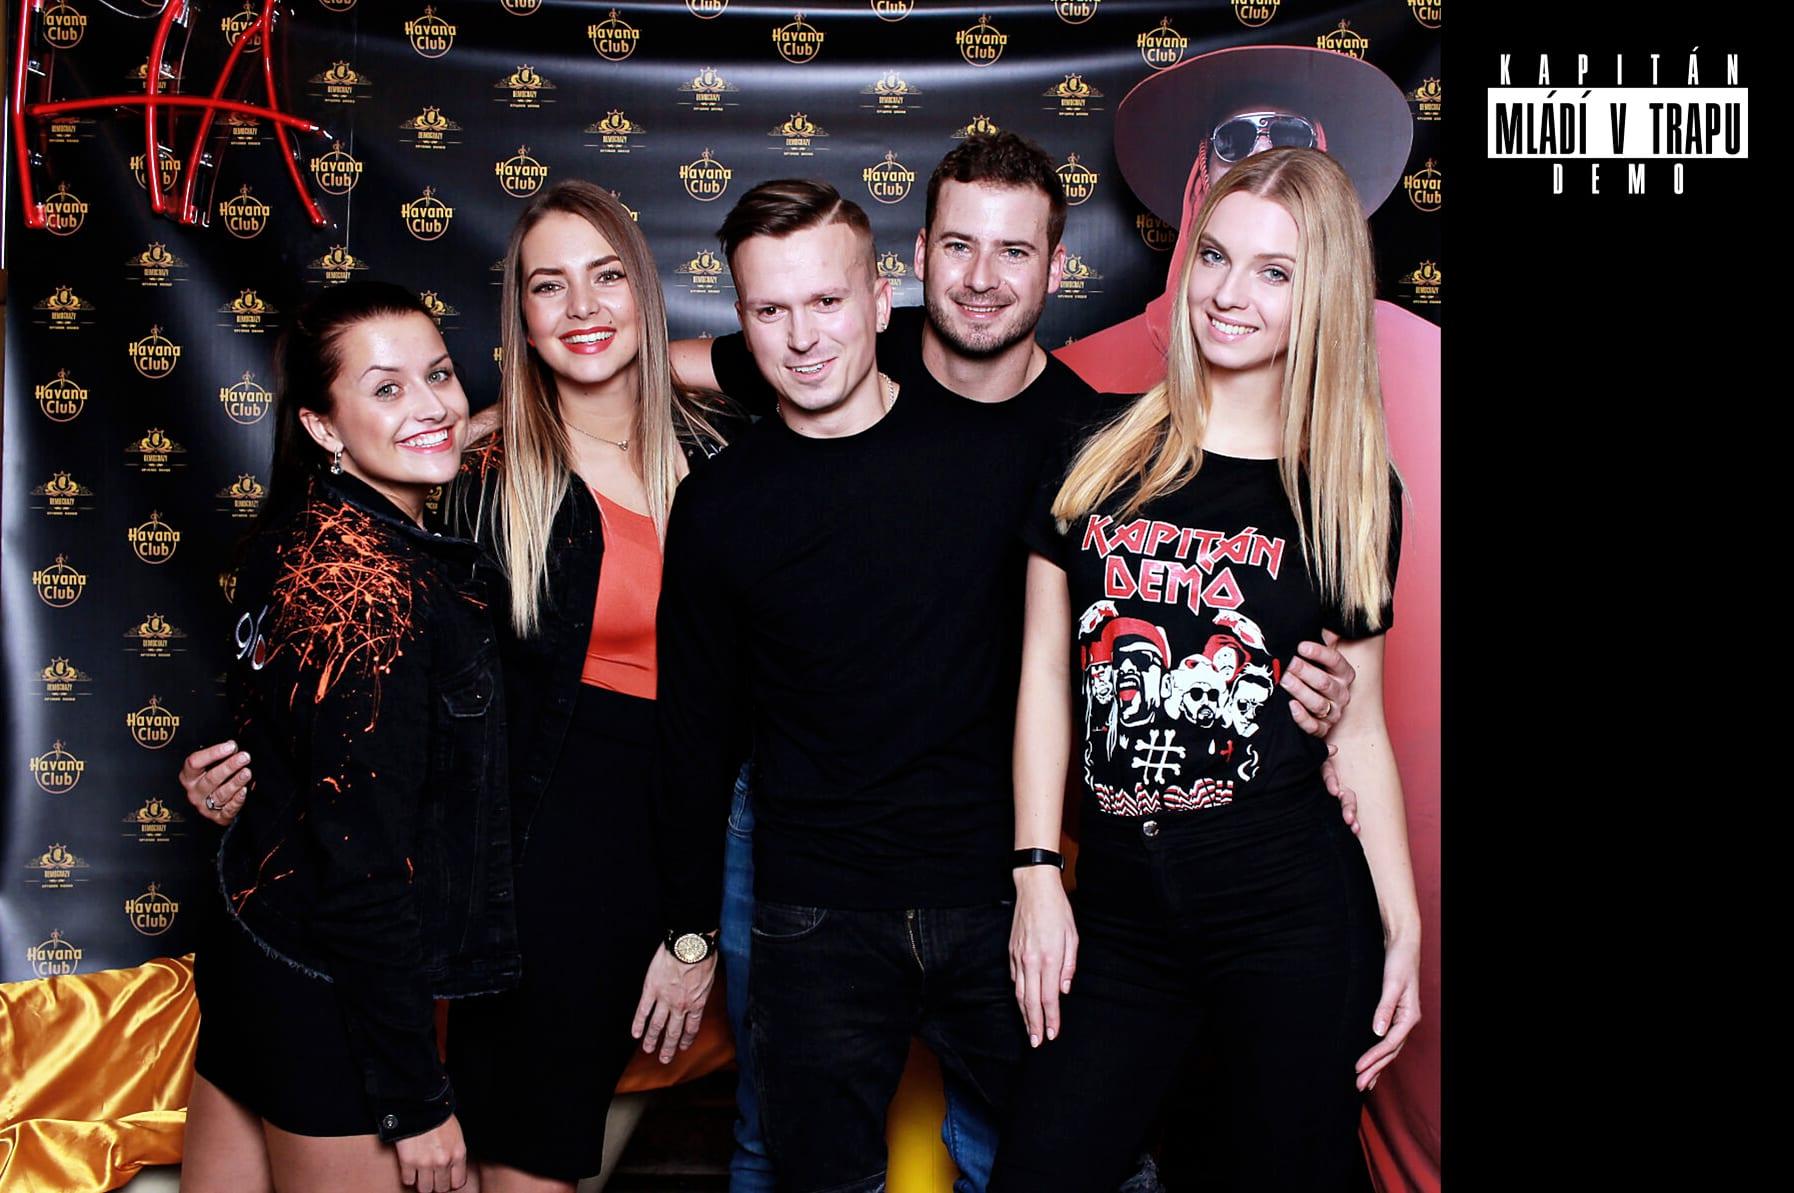 fotokoutek-kapitan-demo-5-12-2018-533521